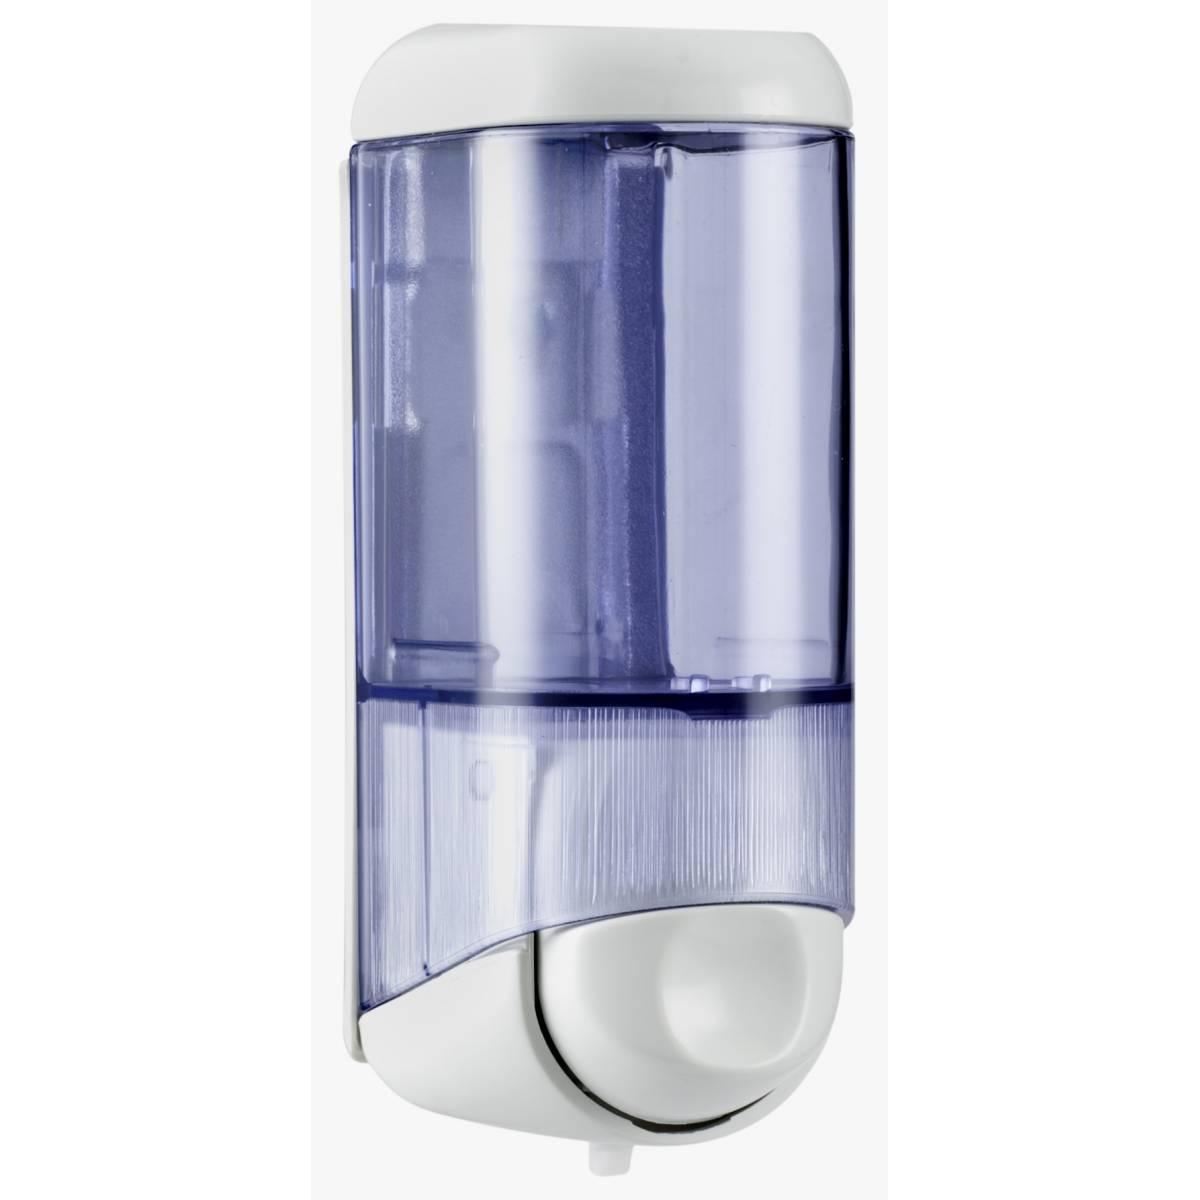 Дозатор жидкого мыла Mar Plast 0,17 л ACQUALBA (583T) A58301 Mar Plast